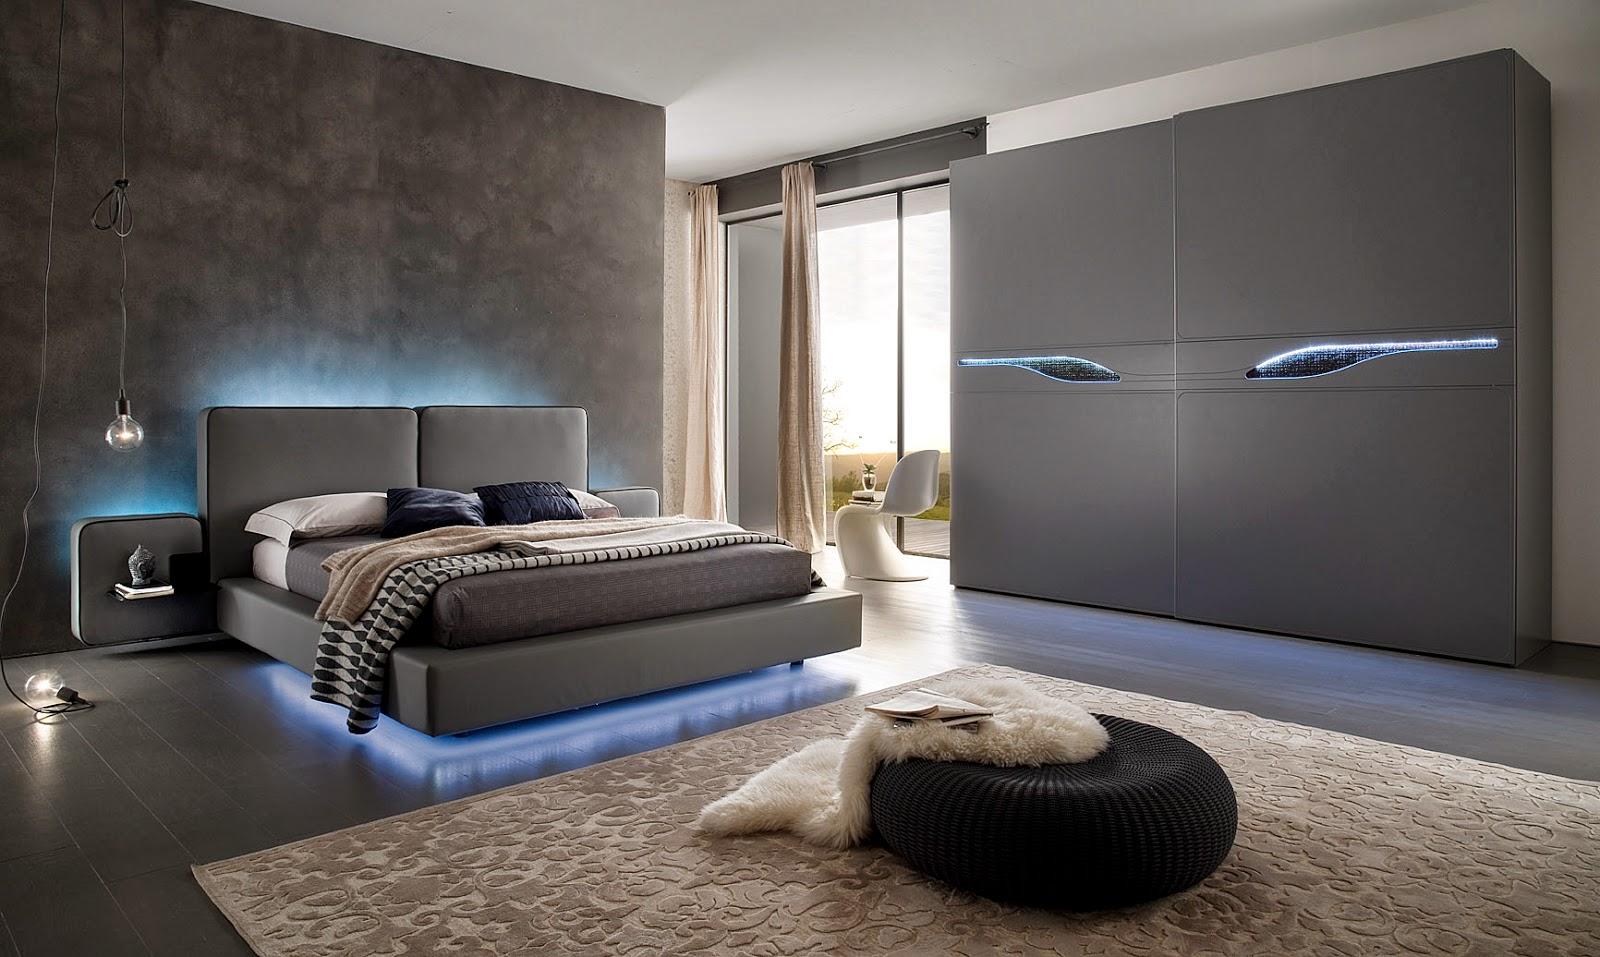 Interni moderni case - Mercatone uno offerte camere da letto ...